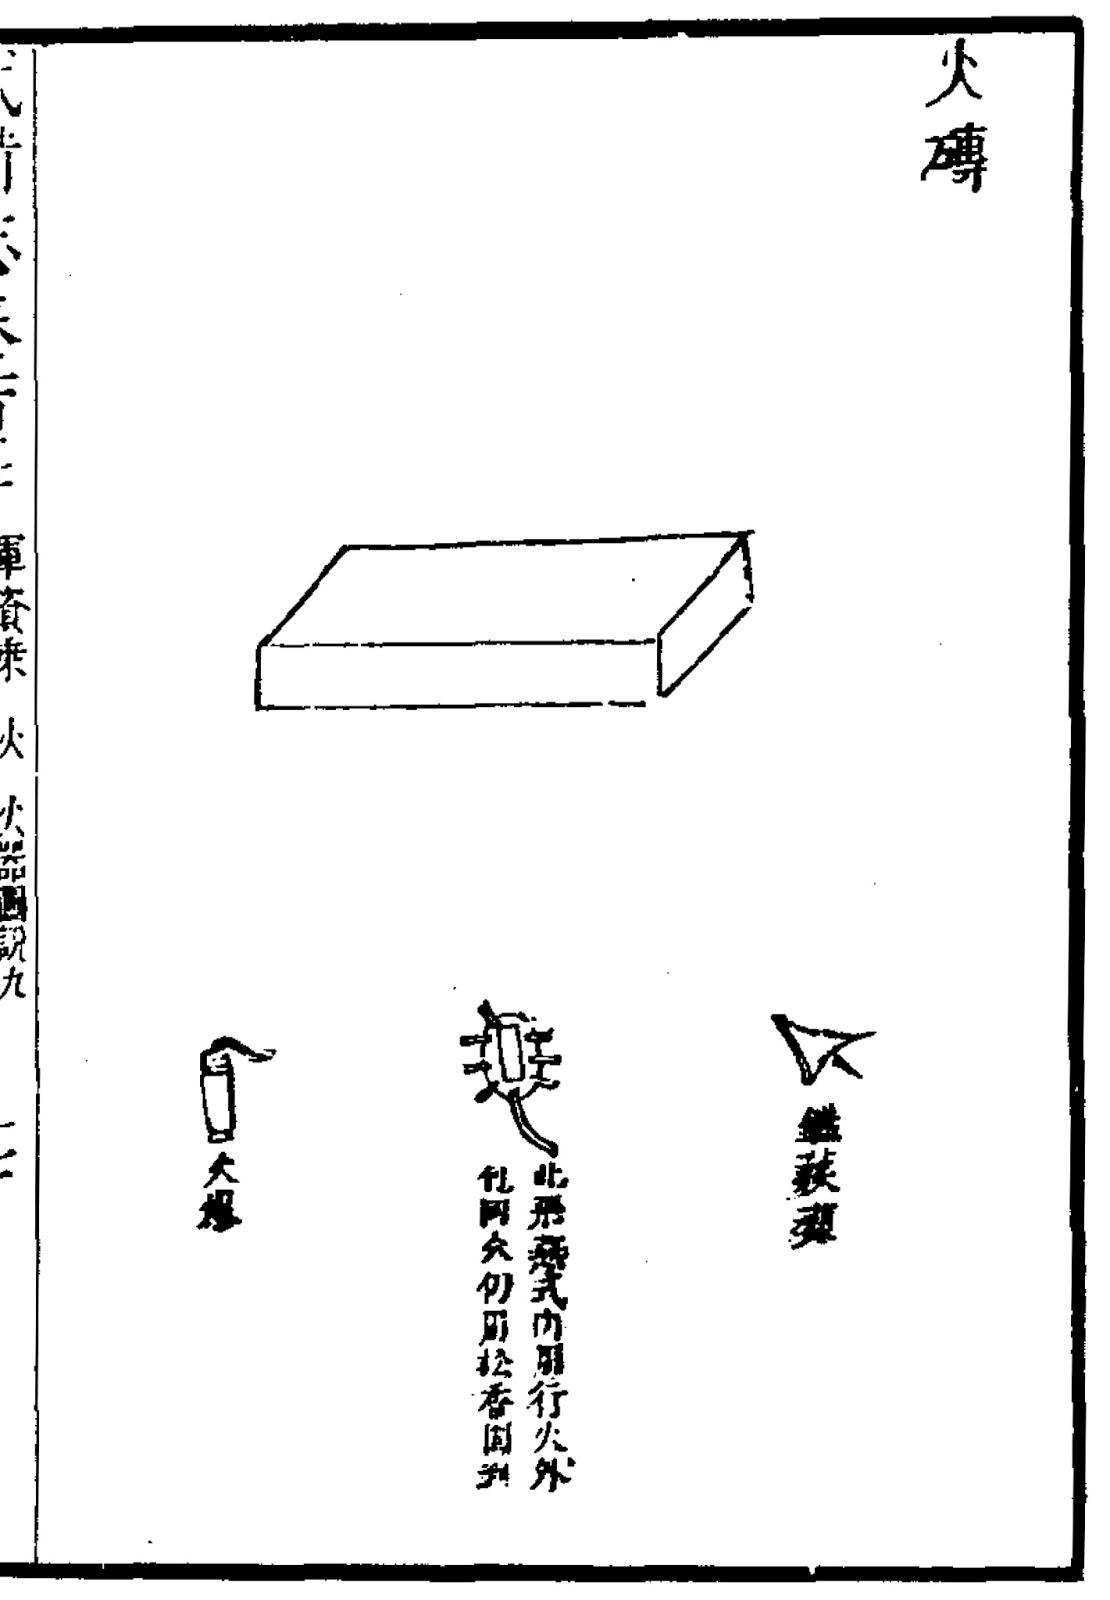 Huo Zhuan